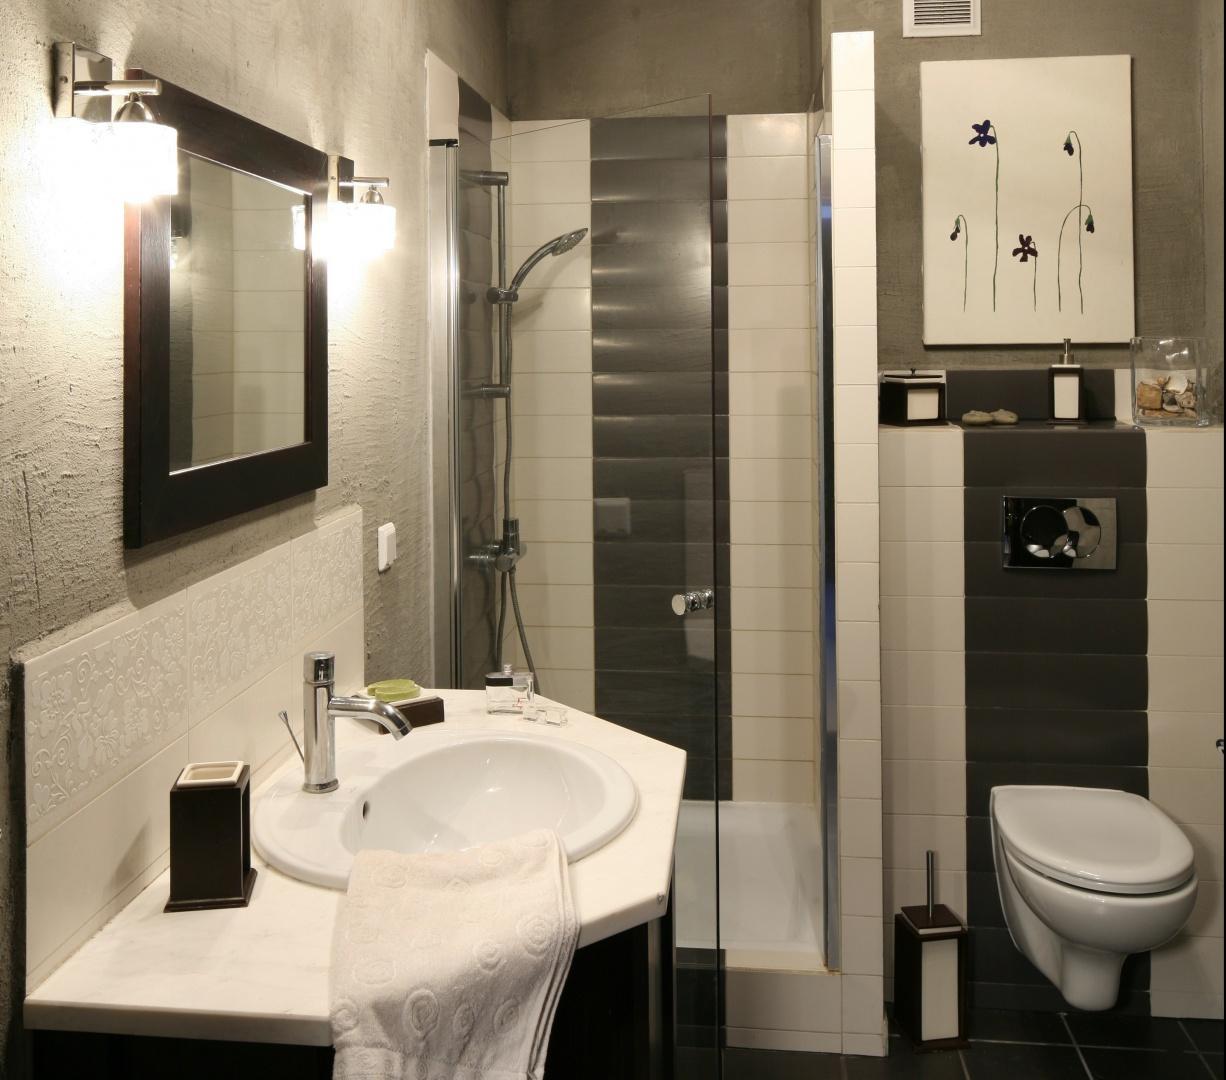 Utrzymana w minimalistycznych szarościach łazienka została urządzona w męskim, zdecydowanym stylu. Projekt Magdalena Kwiatkowska. Fot. Bartosz Jarosz.